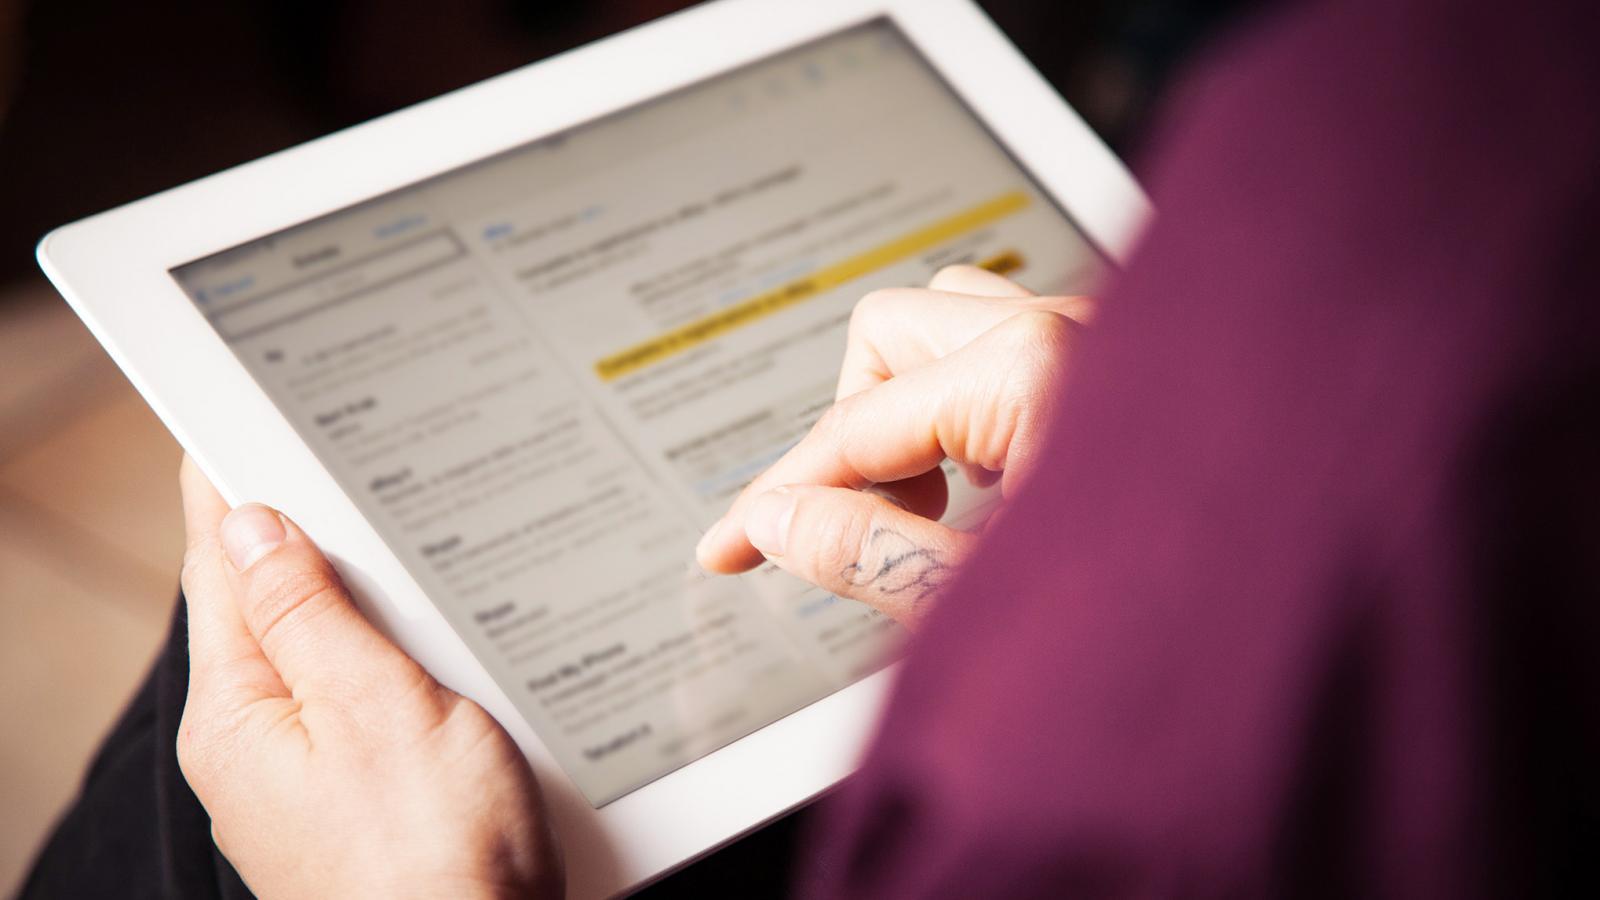 Вологжанам предлагают пользоваться электронными квитанциями